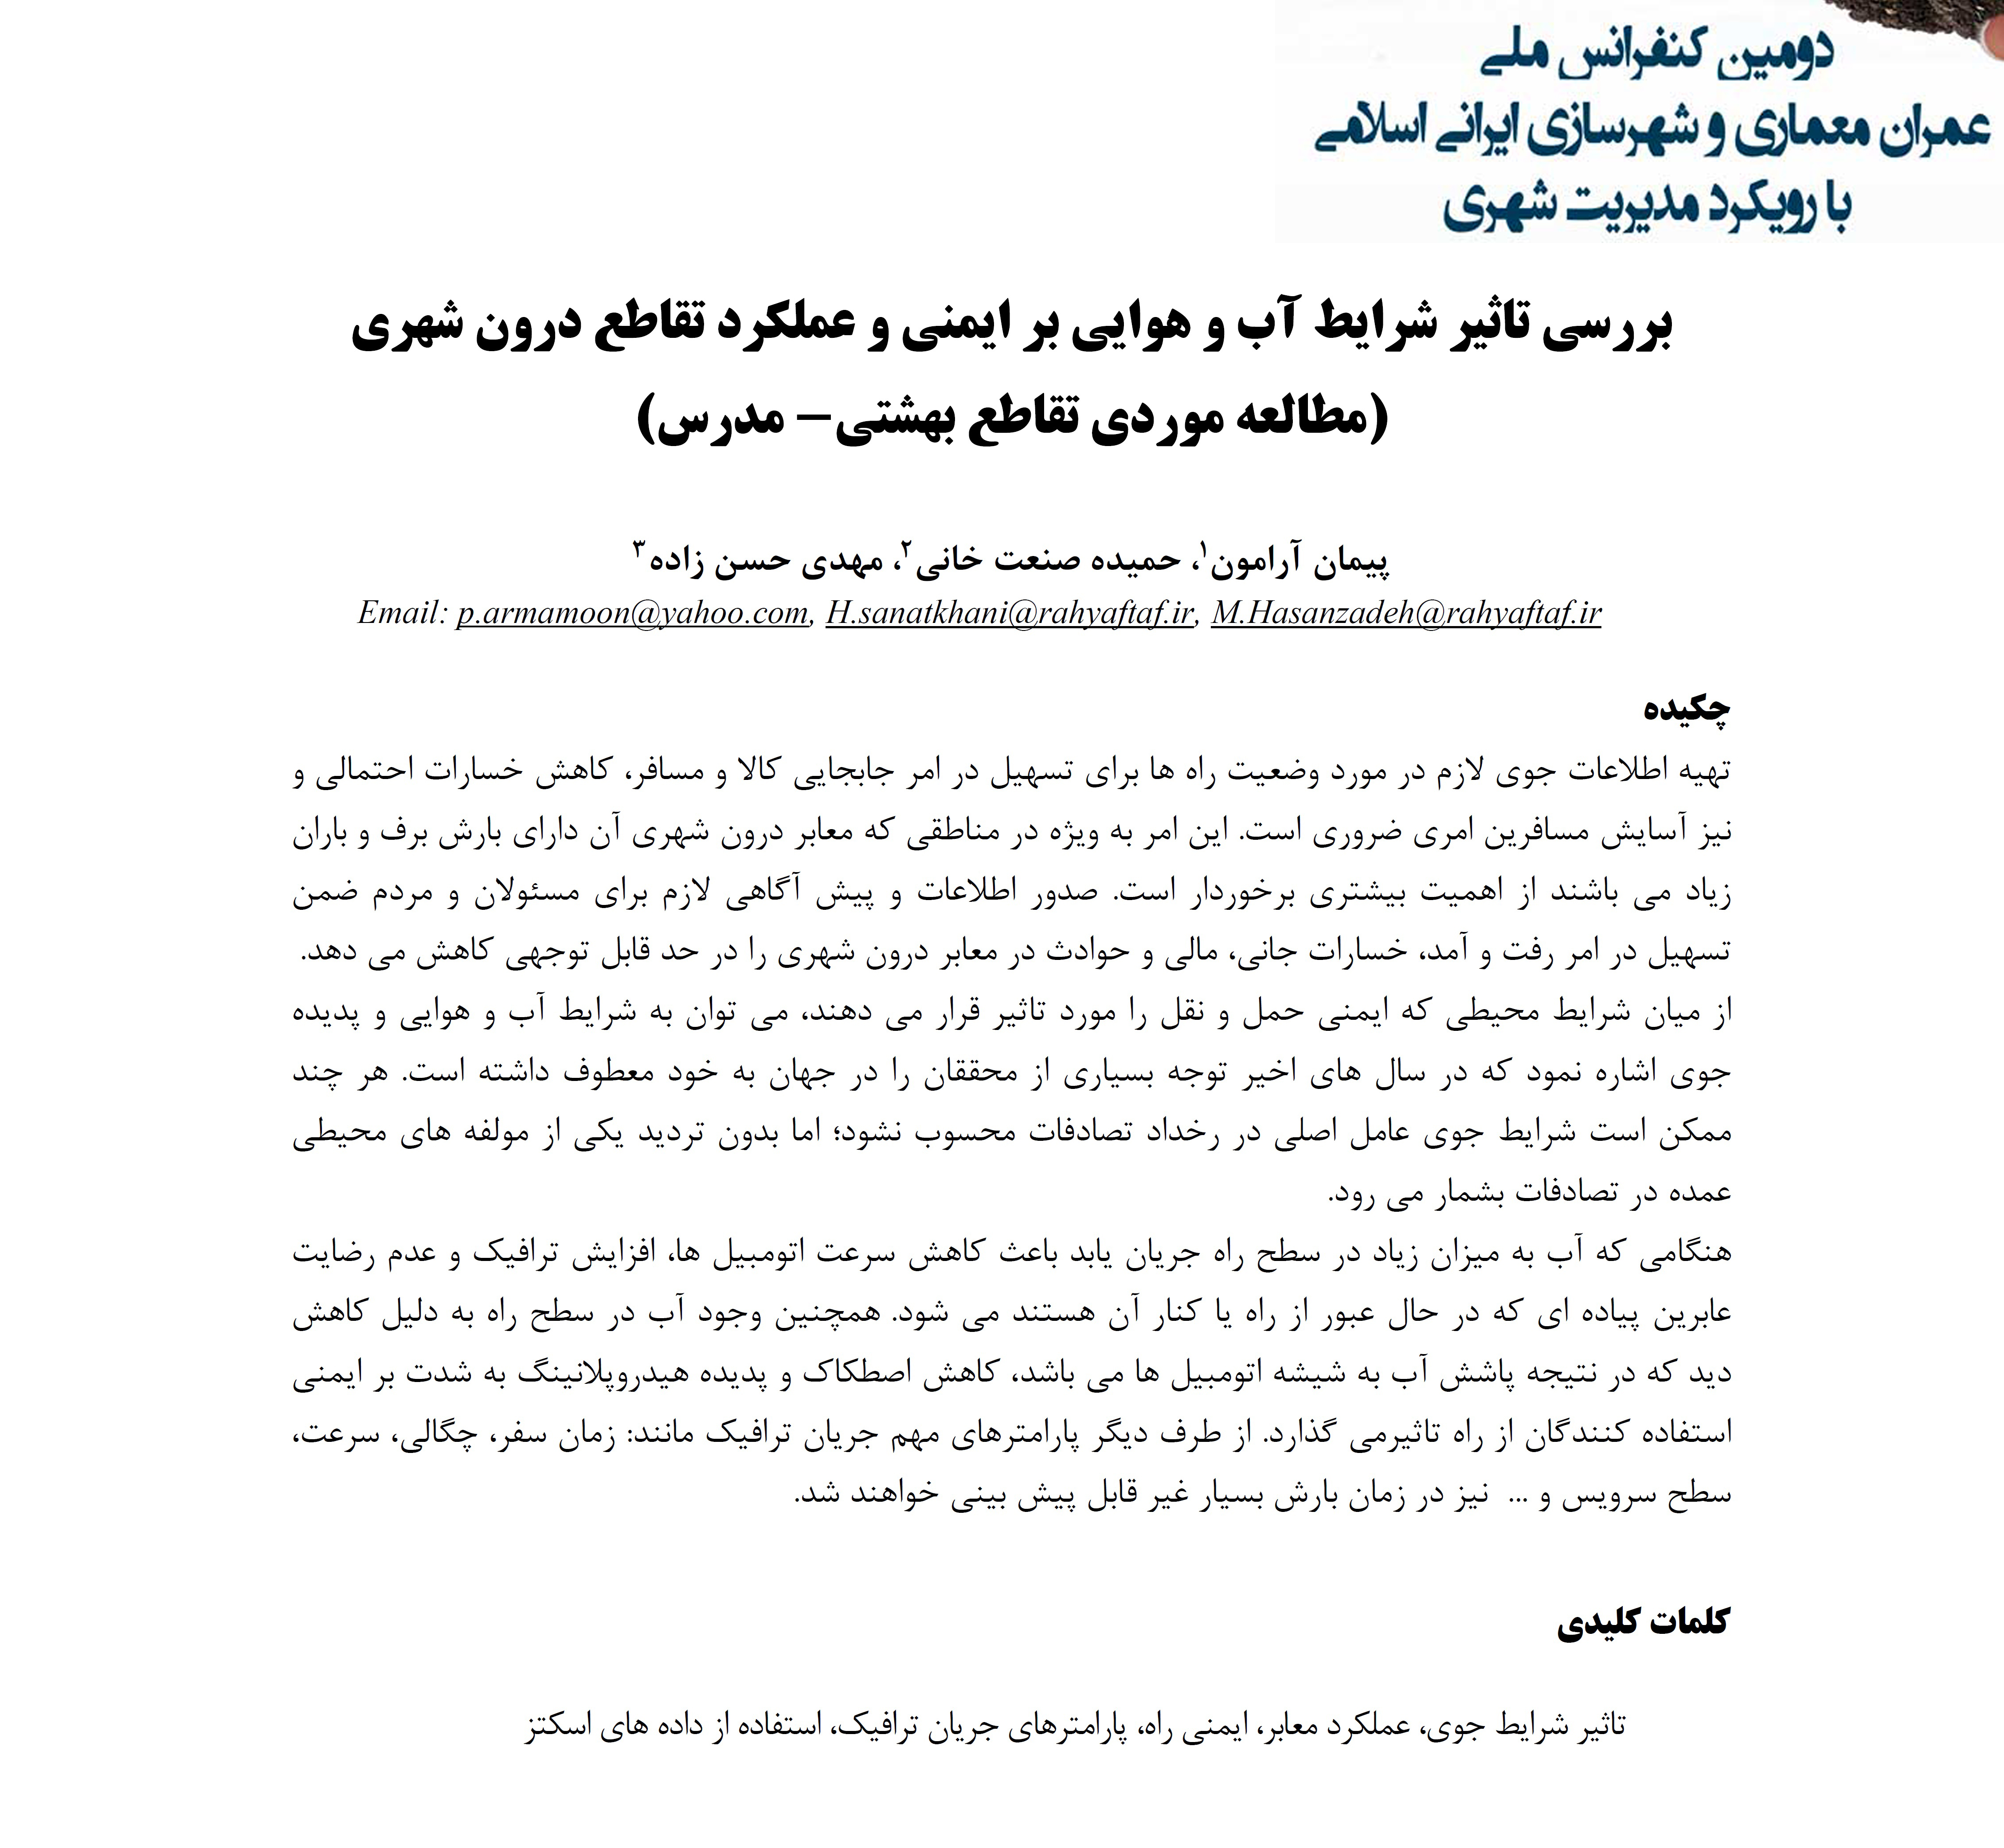 مقاله: بررسی تاثیر شرایط آب و هوایی بر ایمنی و عملکرد تقاطع درون شهری (مطالعه موردی تقاطع بهشتی مدرس)